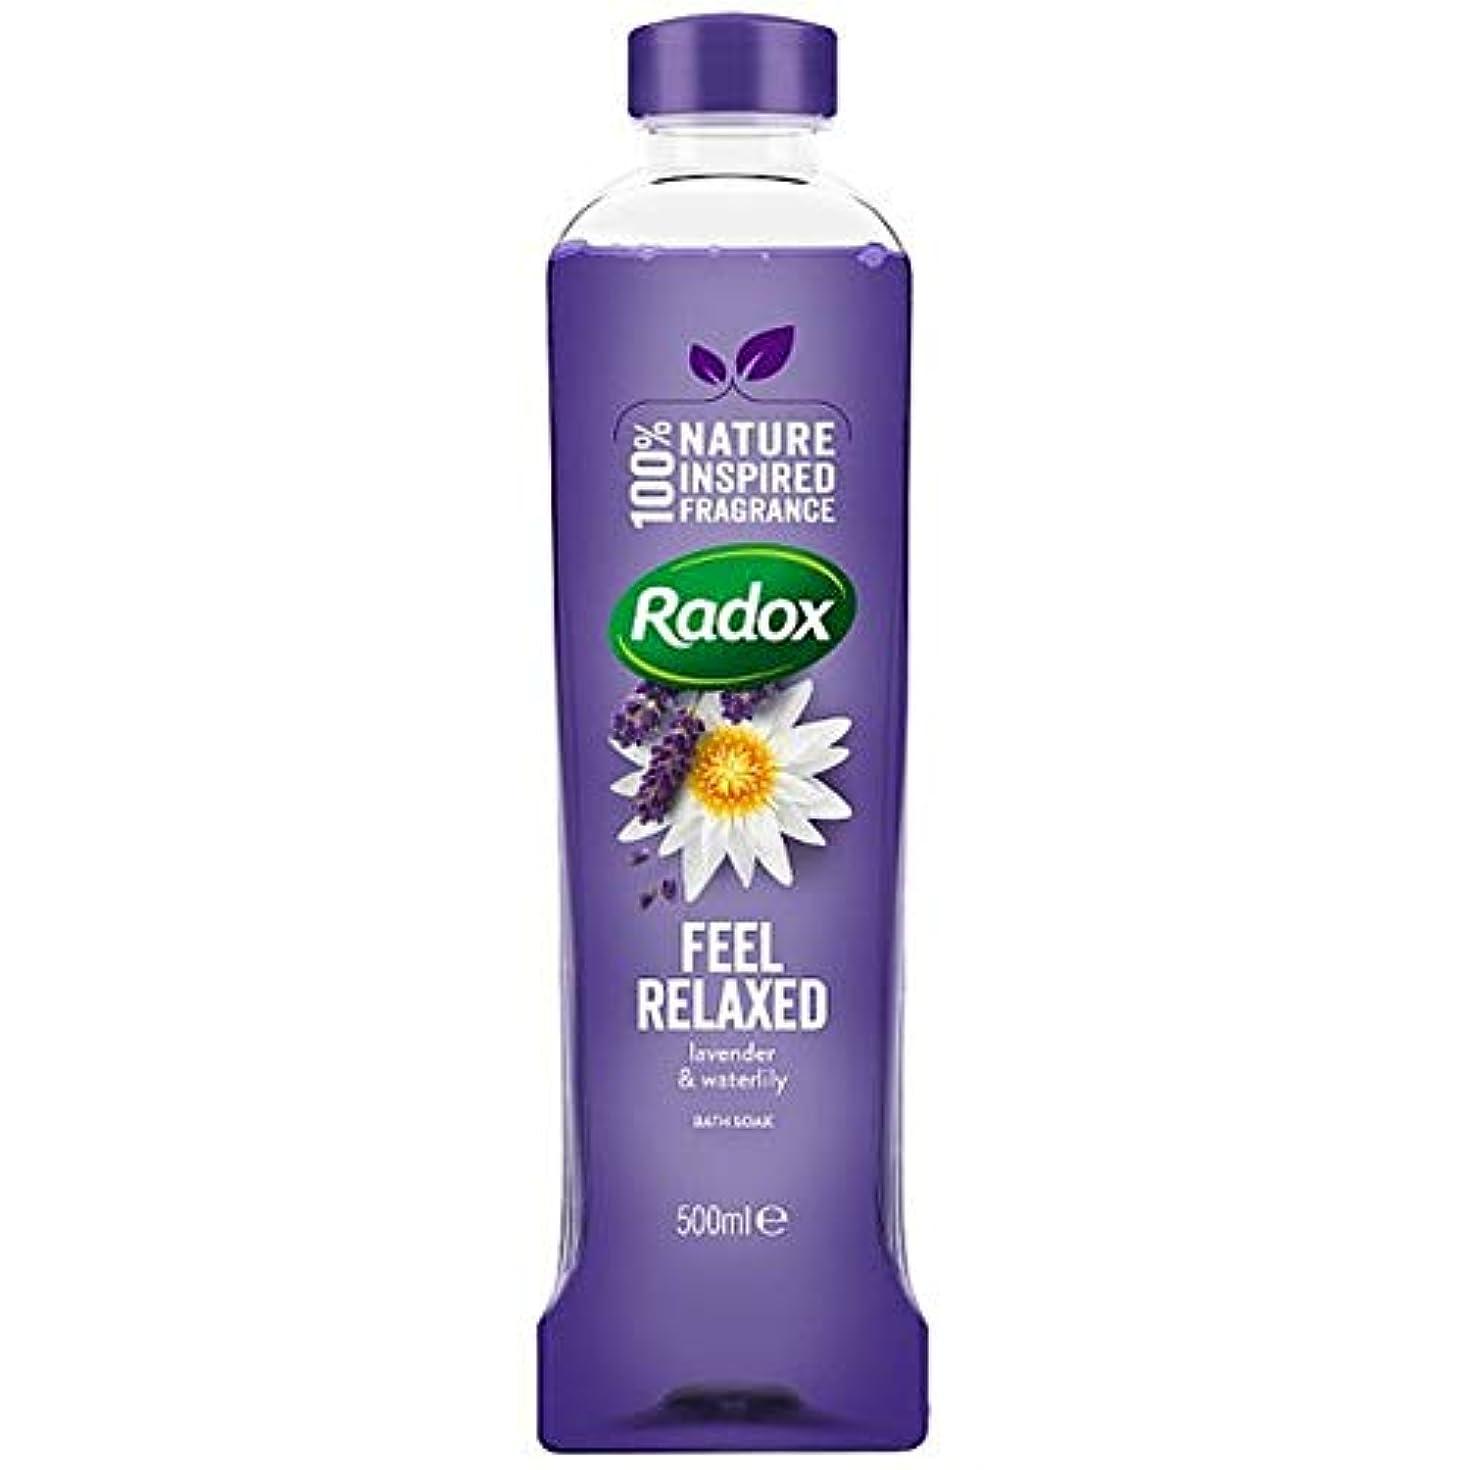 枯渇する宅配便世代[Radox] Radoxは、500ミリリットルのソークリラックスしたお風呂を感じます - Radox Feel Relaxed Bath Soak 500Ml [並行輸入品]